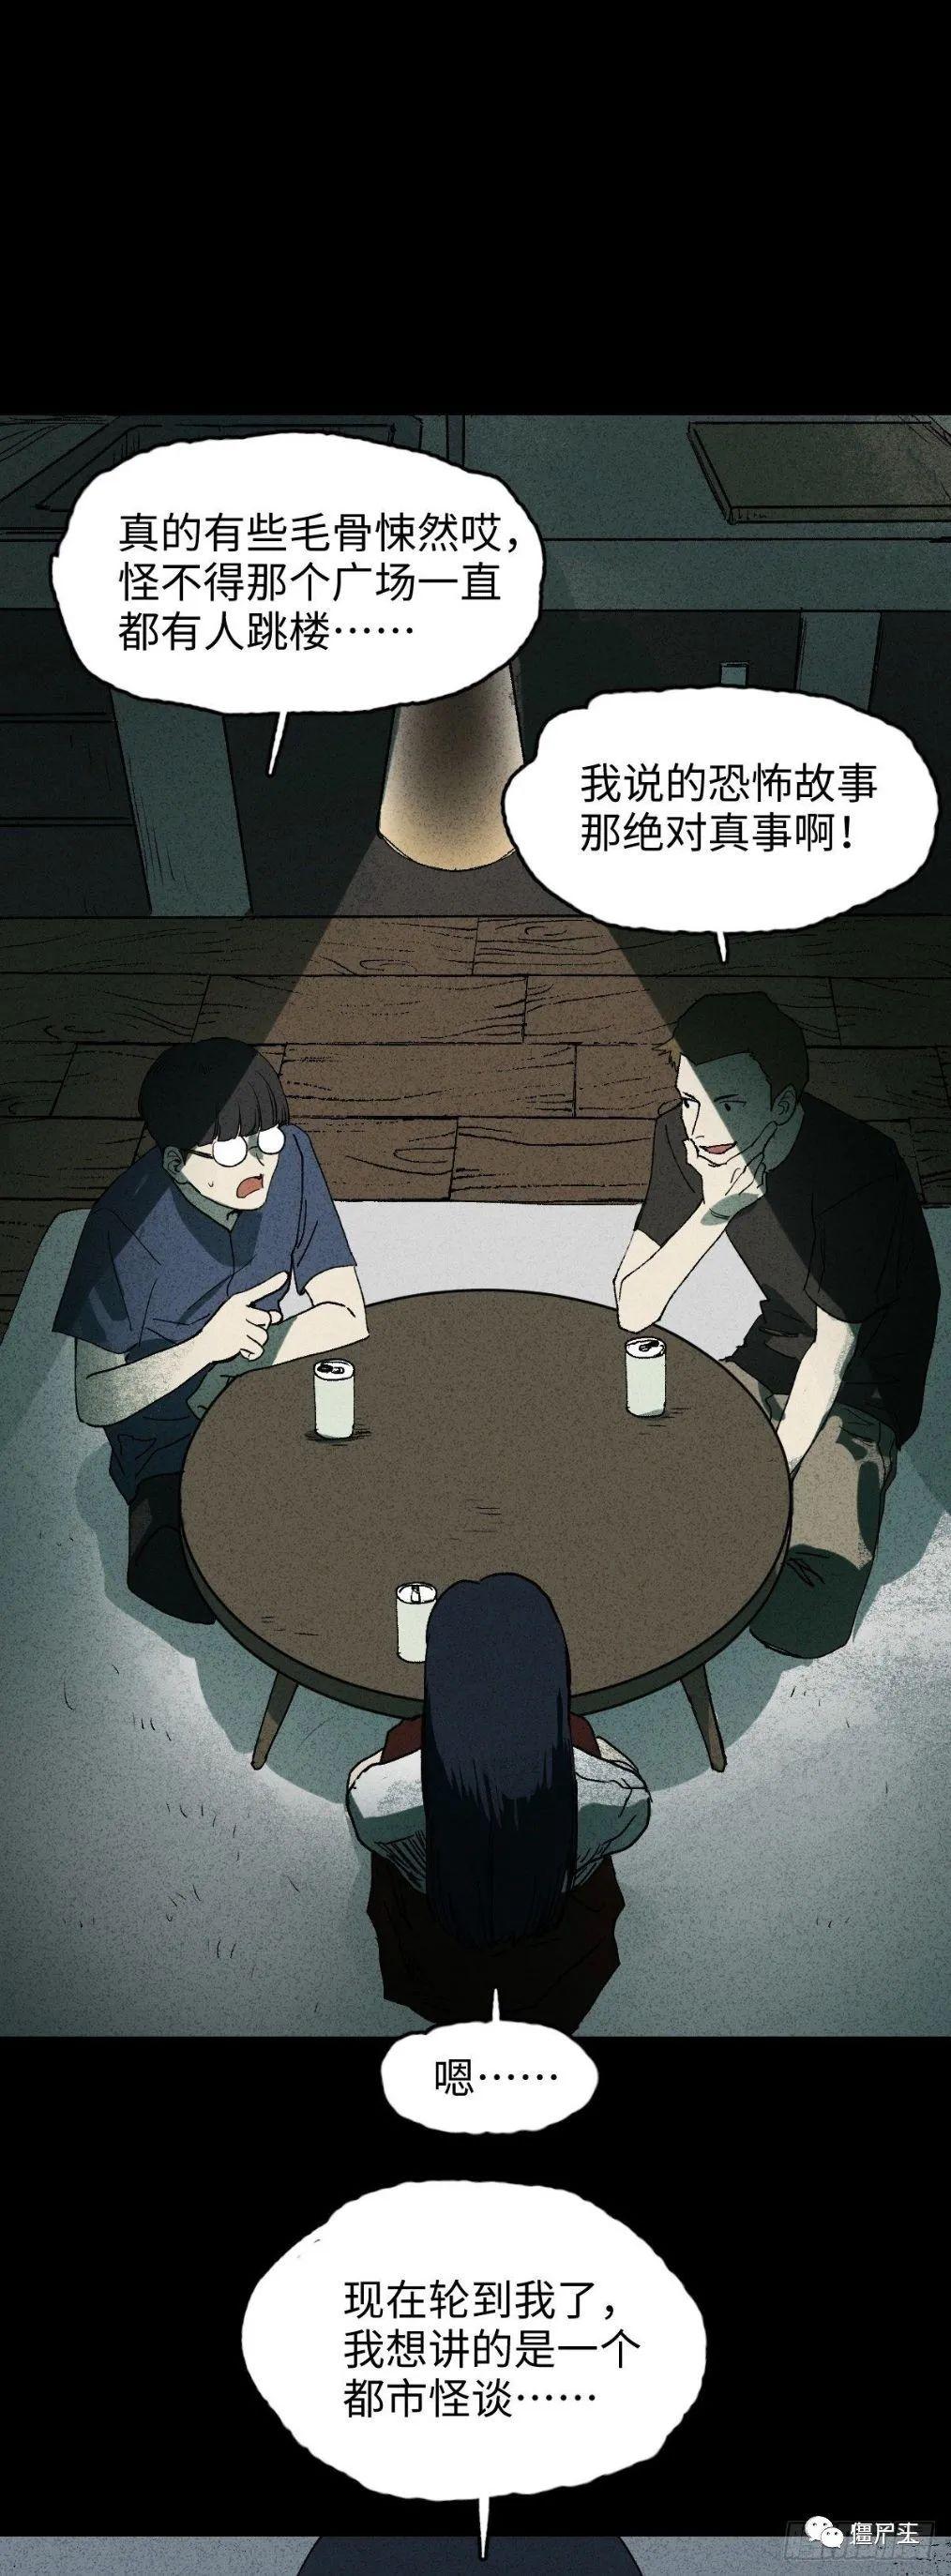 僵尸王漫画:怪奇笔记之楼上的房间